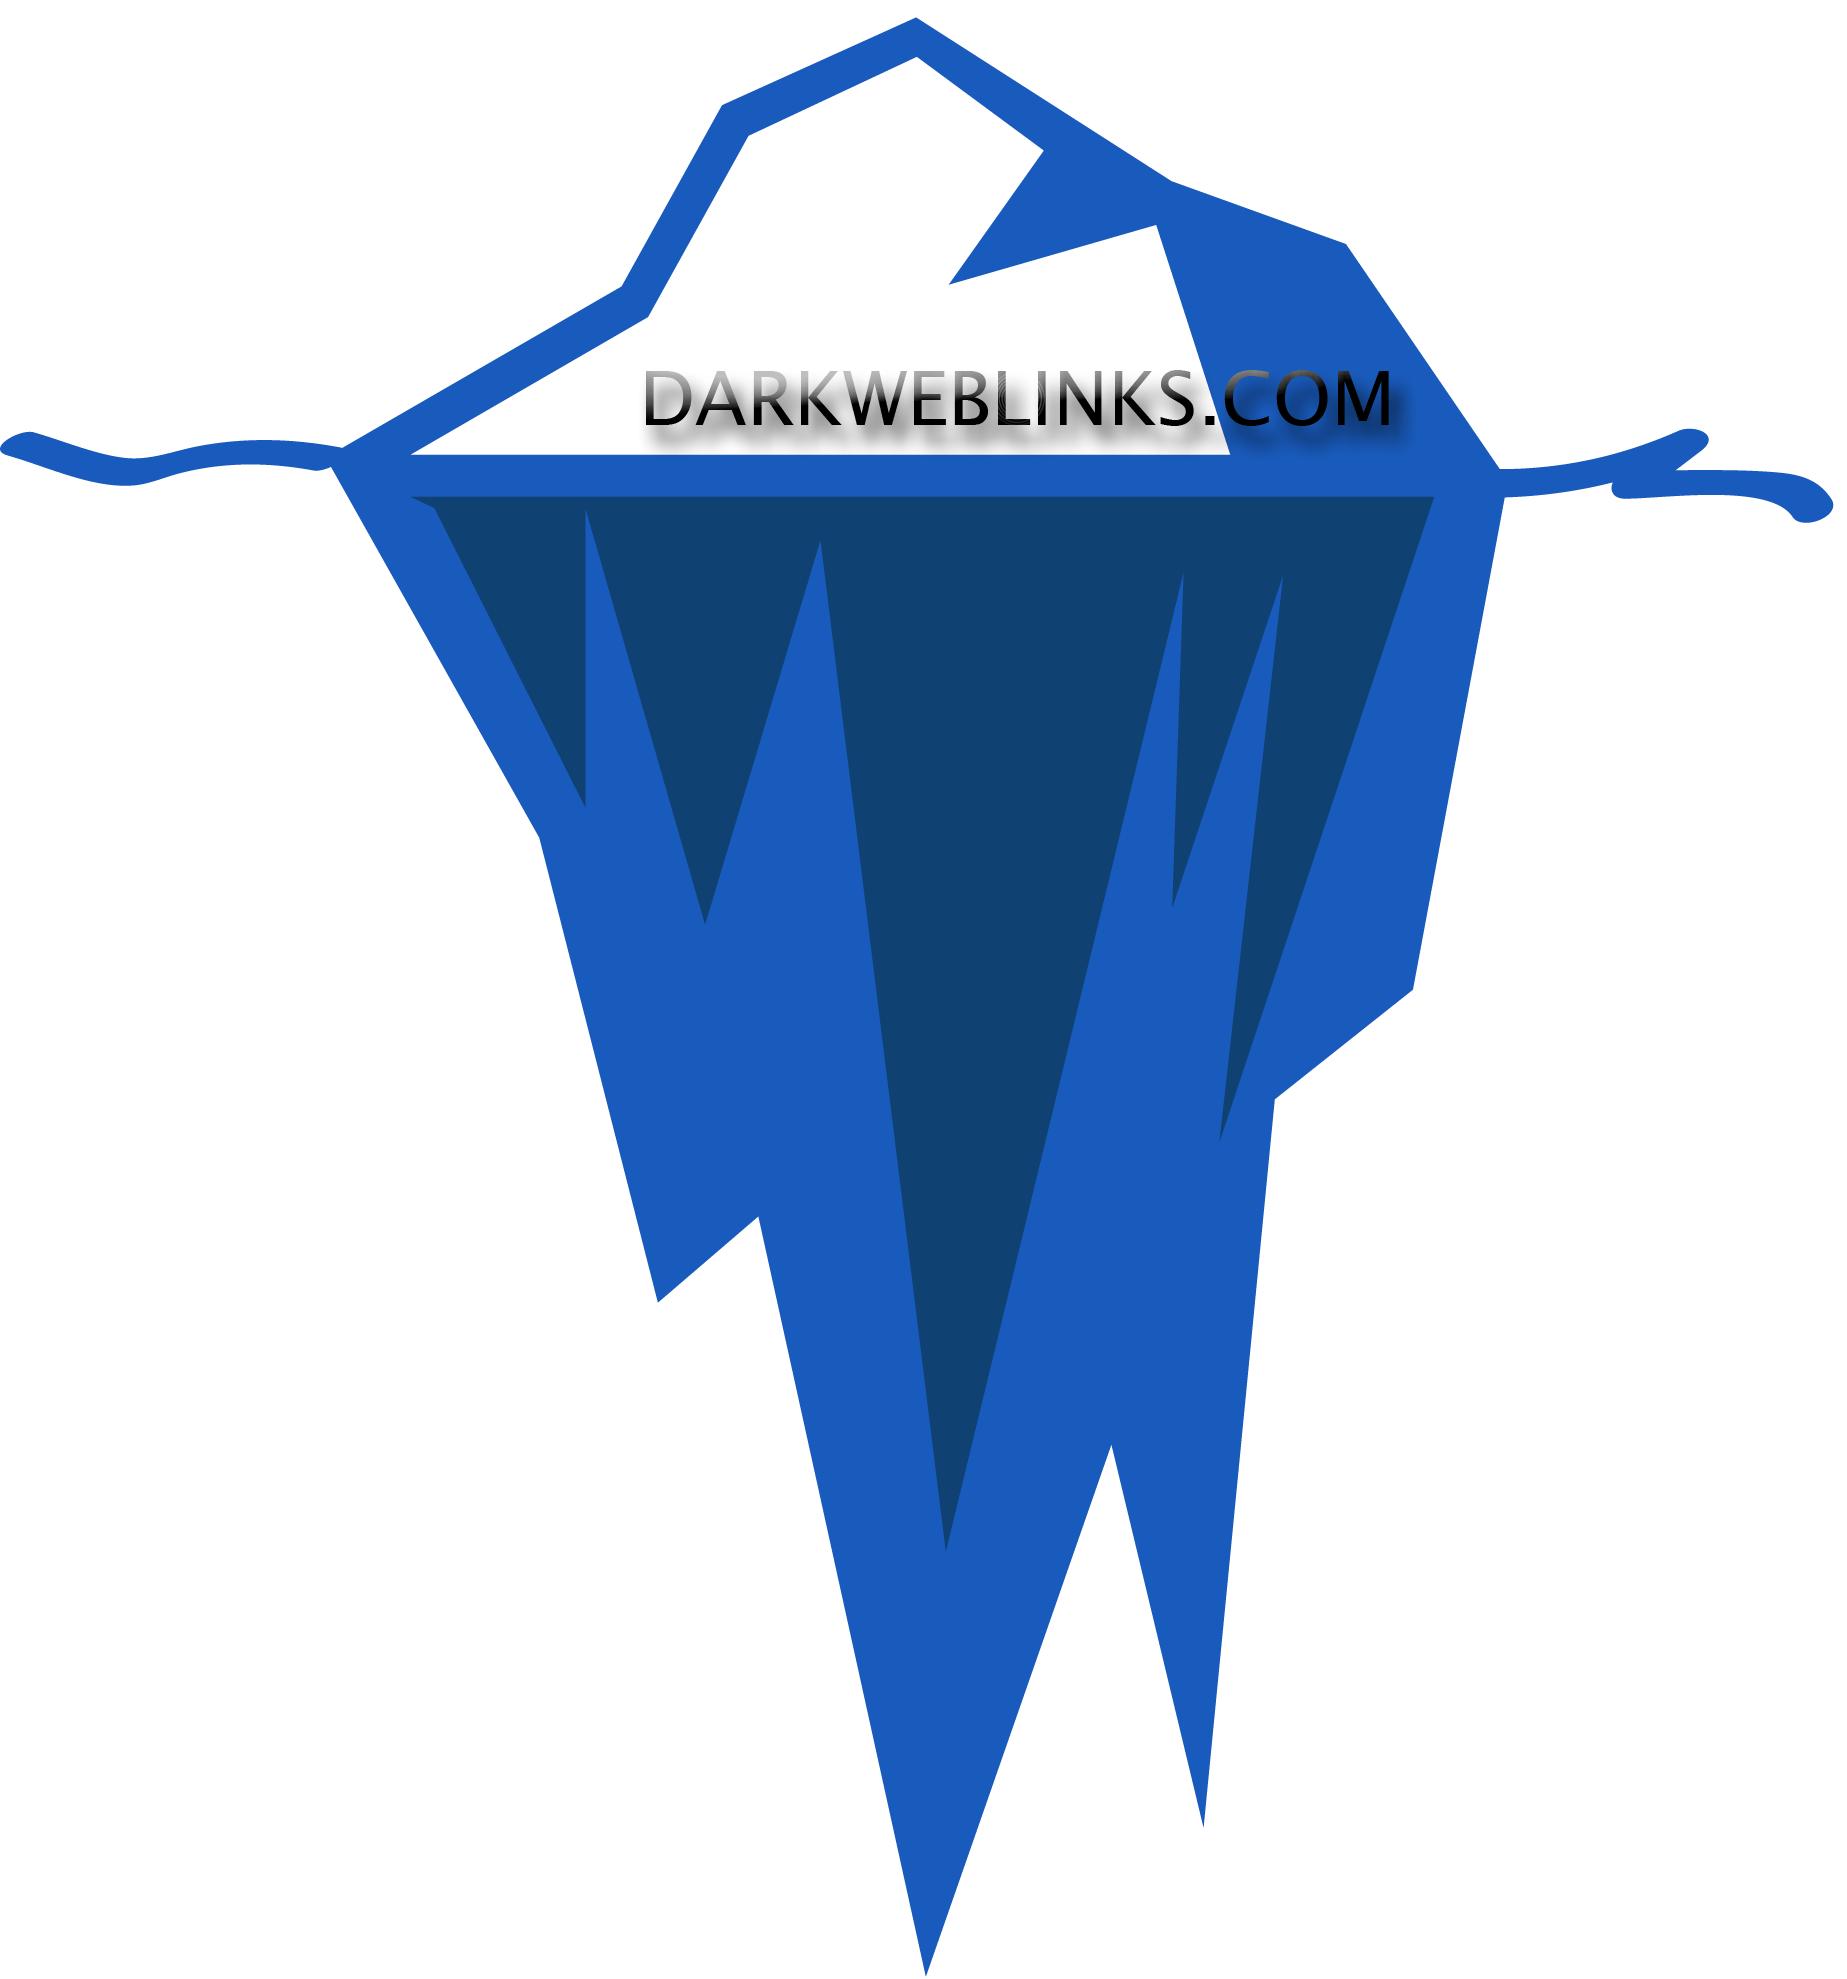 darkweblinks